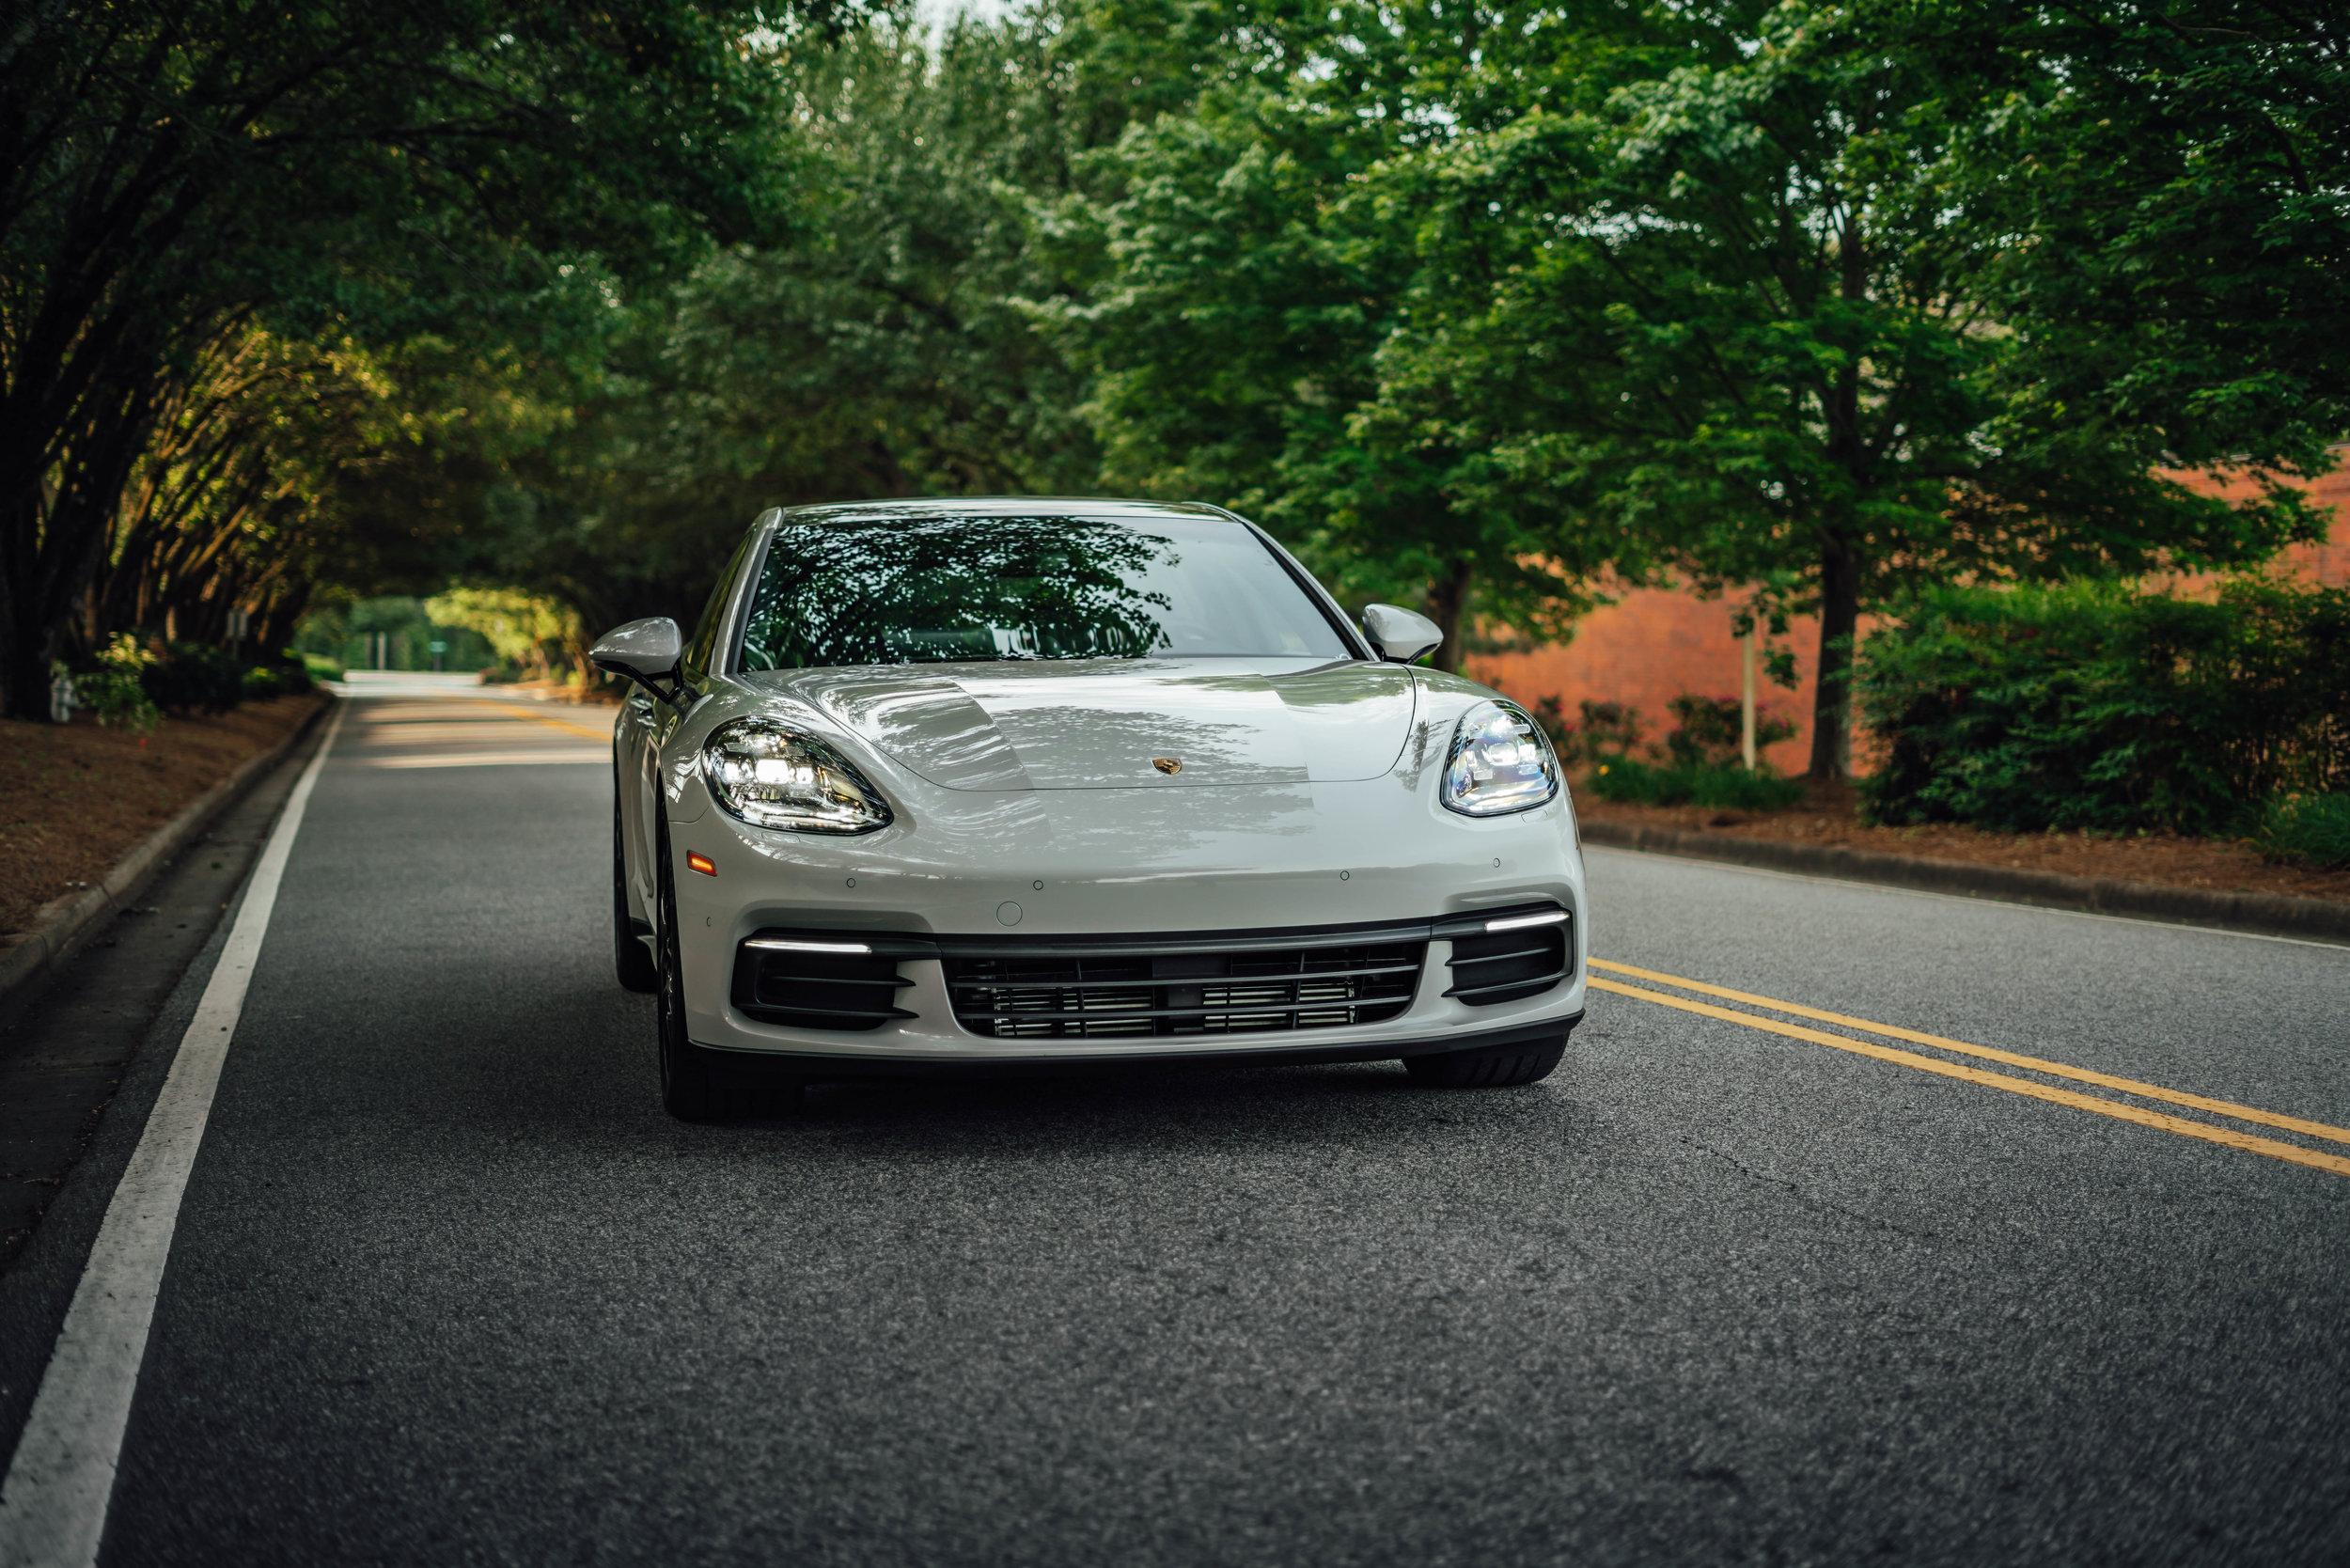 20190504 Porsche-11.jpg